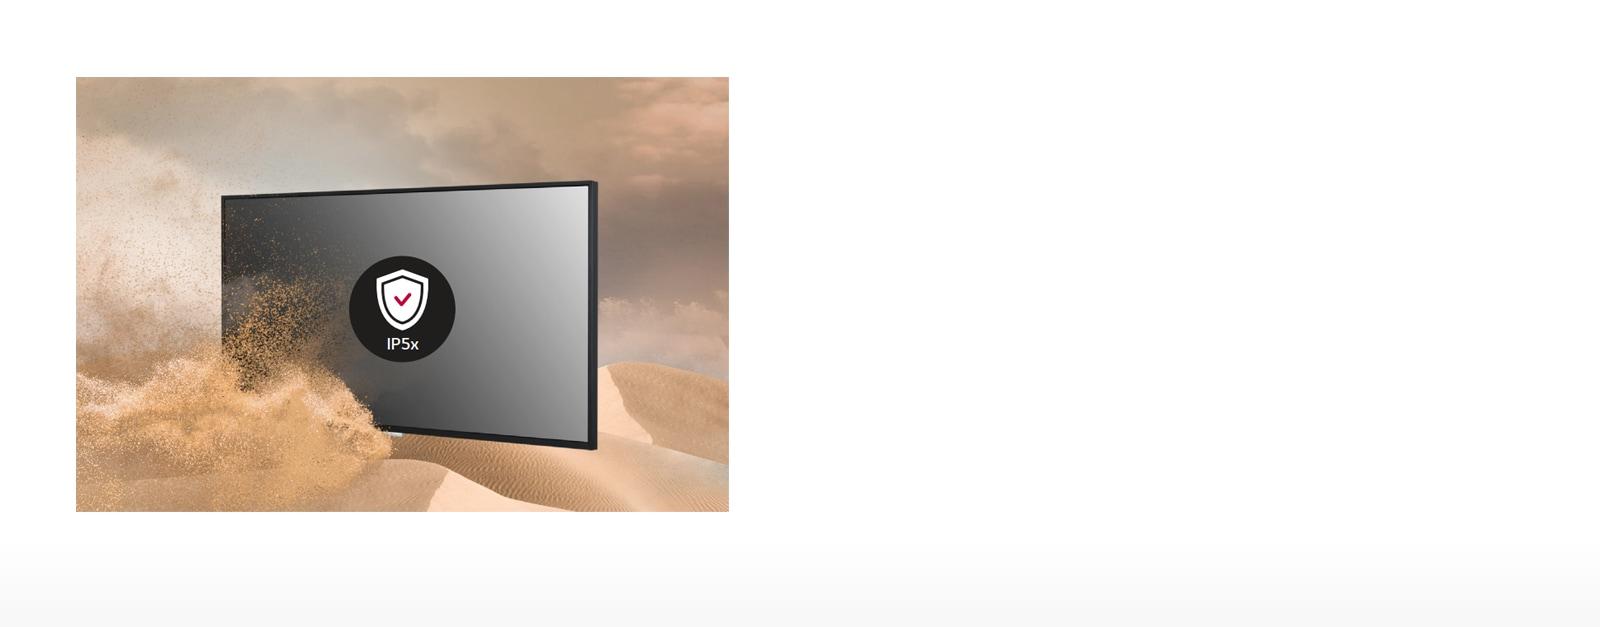 UH5F-B-06-IP5x Certified Design-Standard Premium-Digital Signage-ID_1563923855627